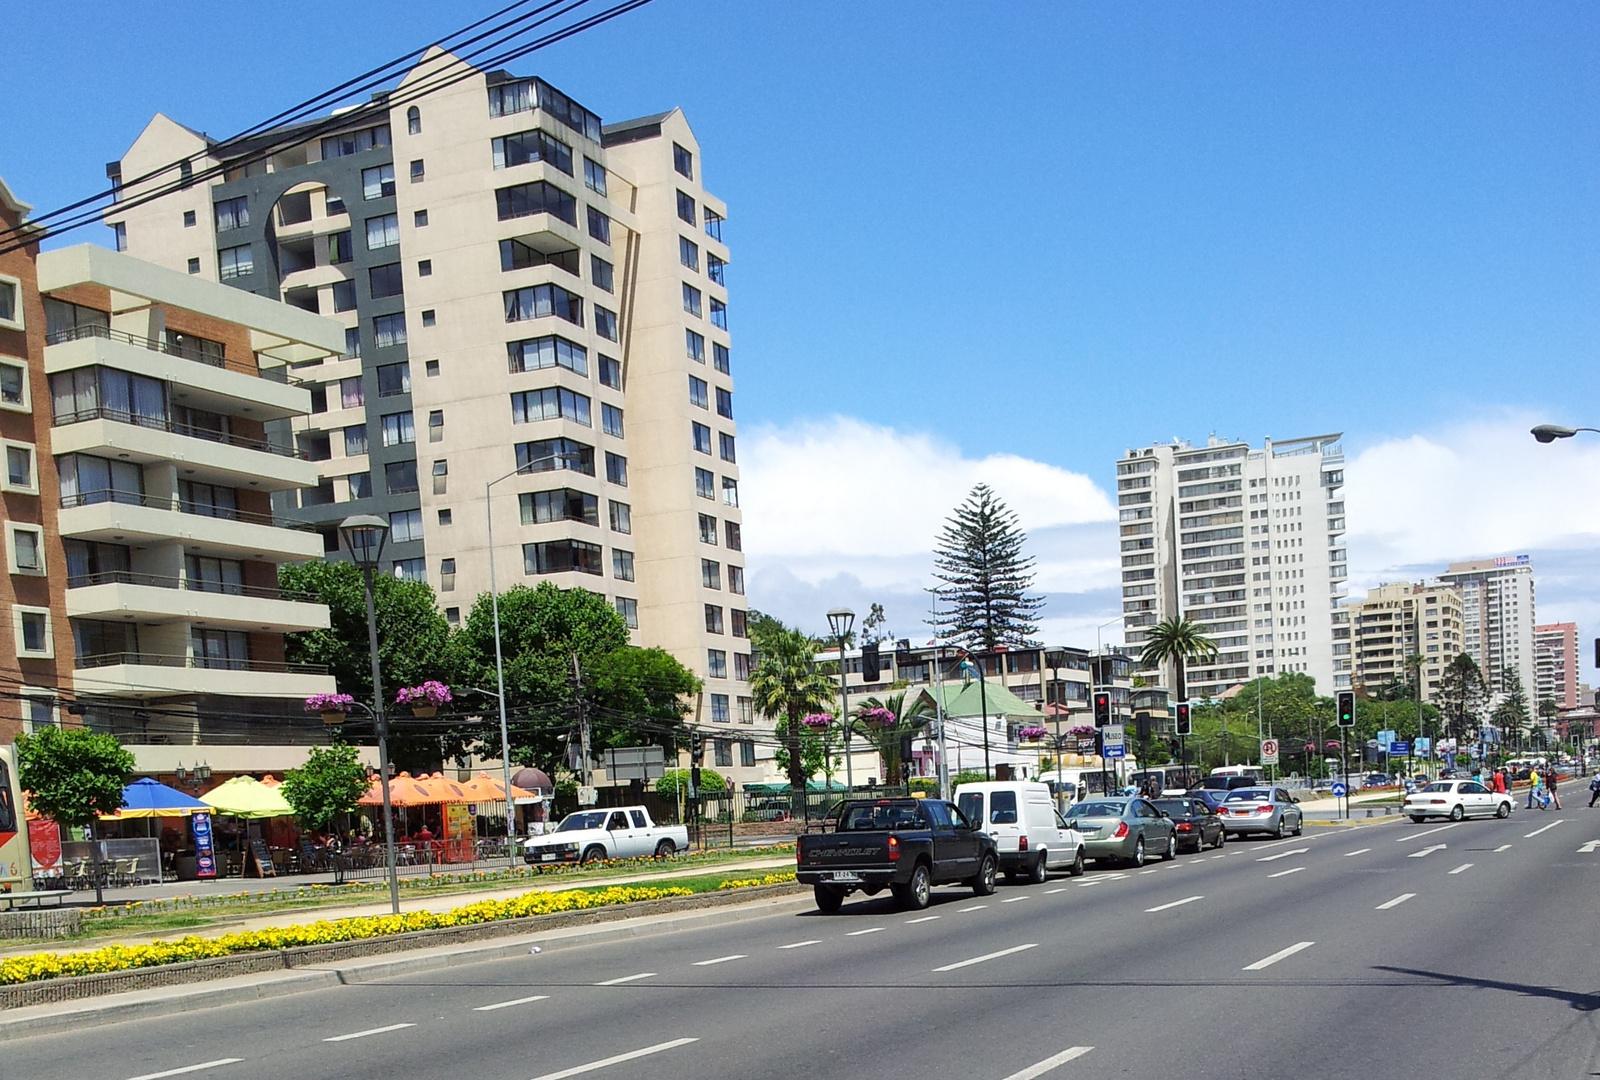 Calle Viana - Viña del Mar